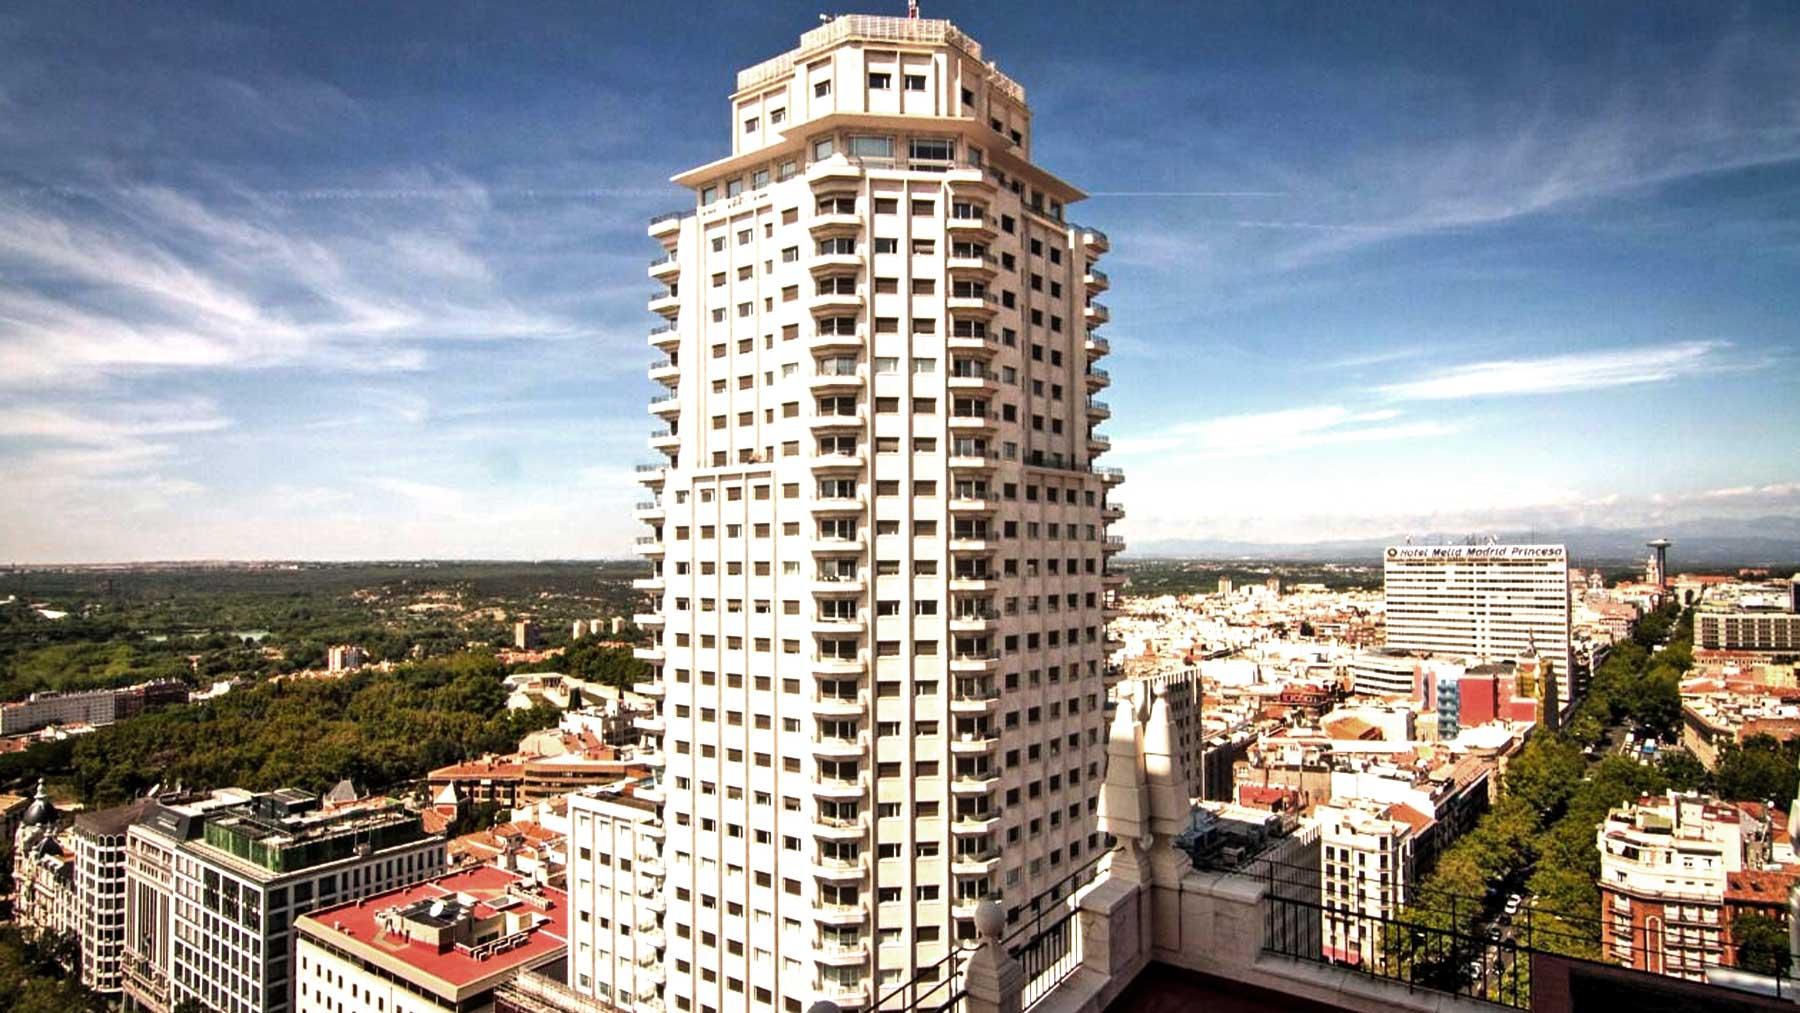 Las exclusivas viviendas de la Torre de Madrid.